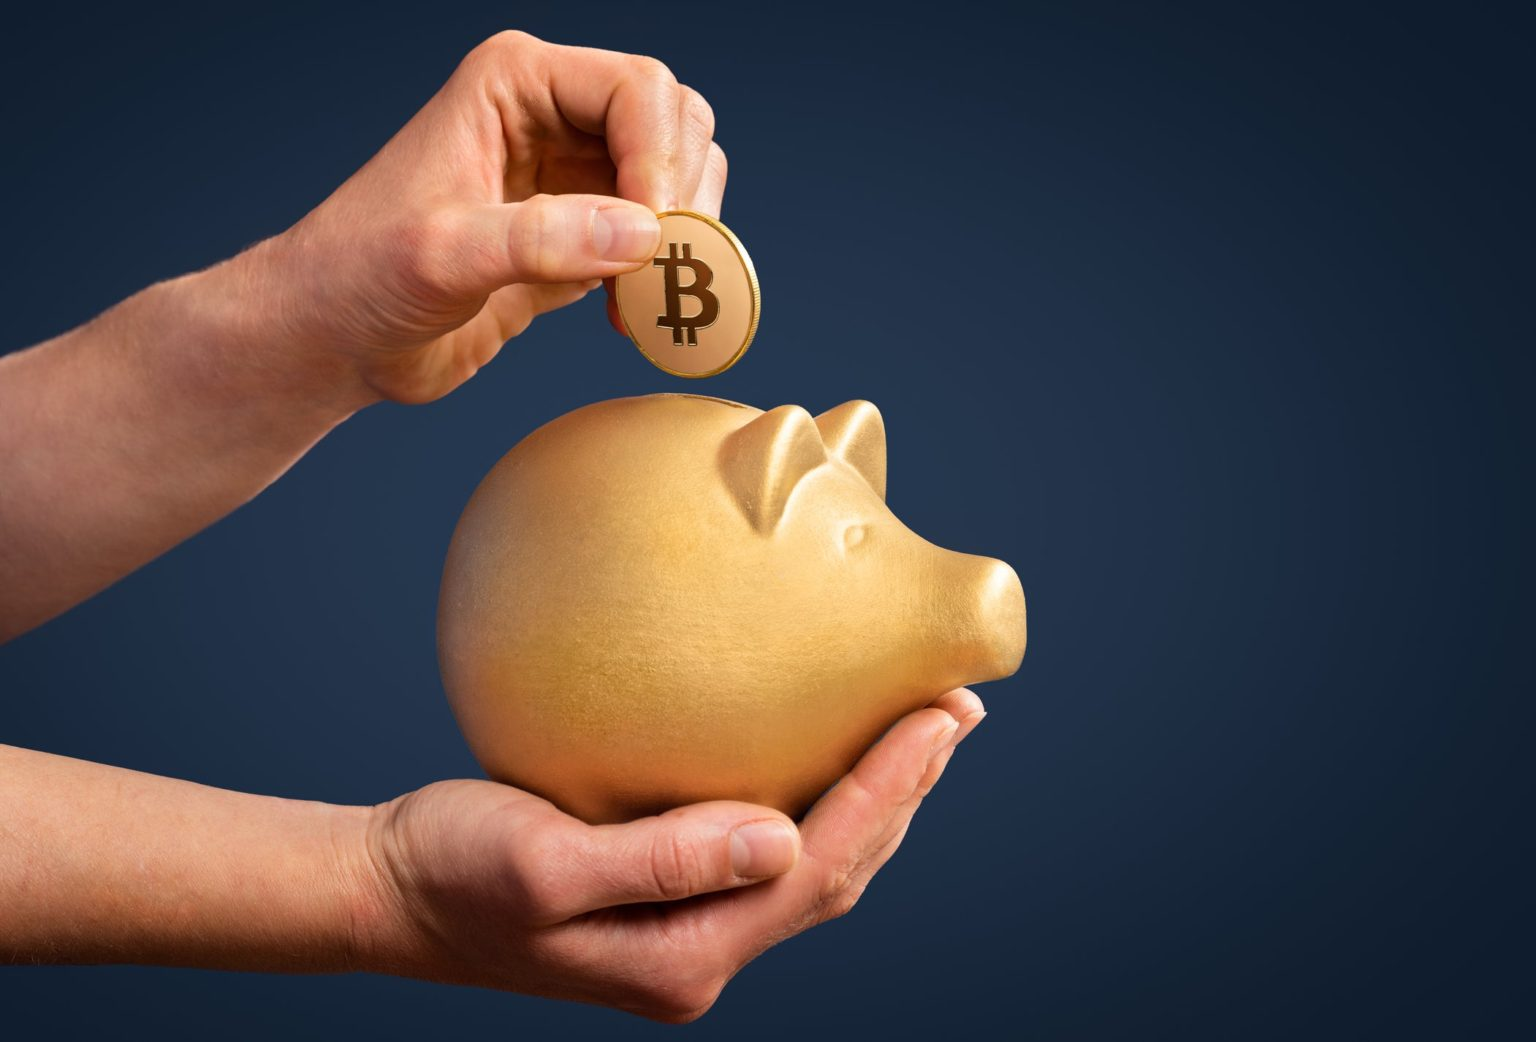 инвестировать в криптовалюту